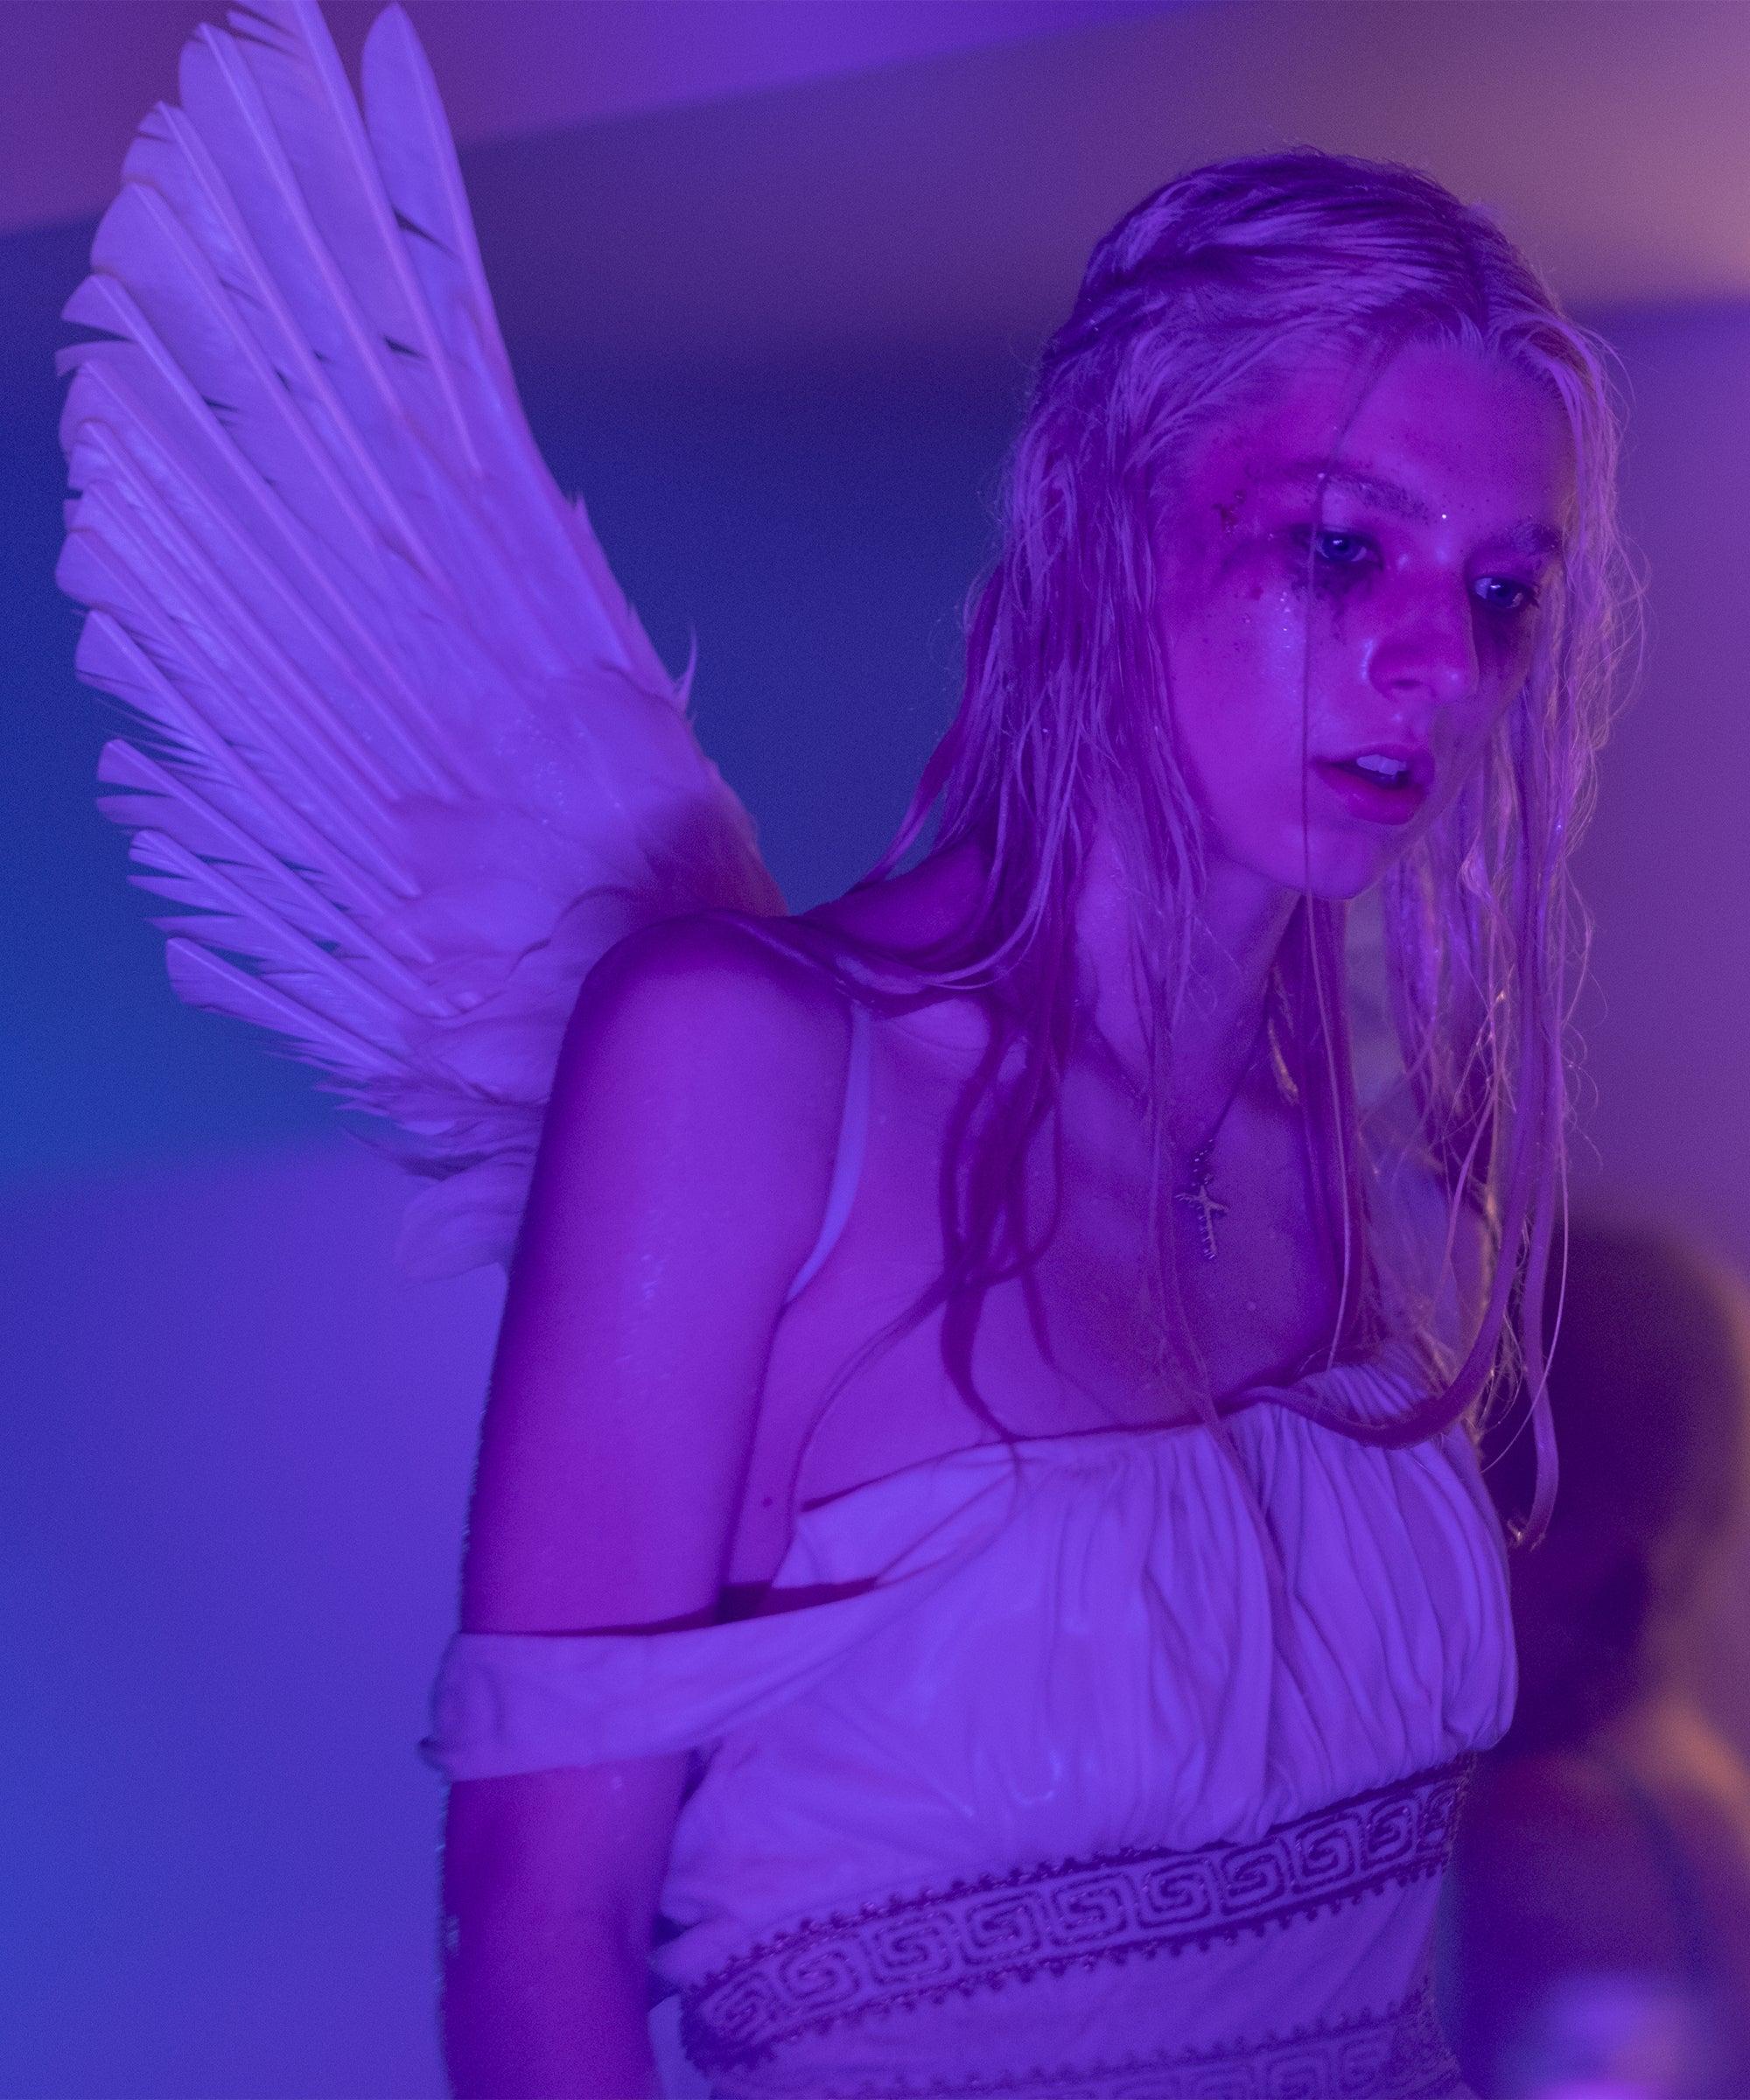 Jules từ series phim Euphoria